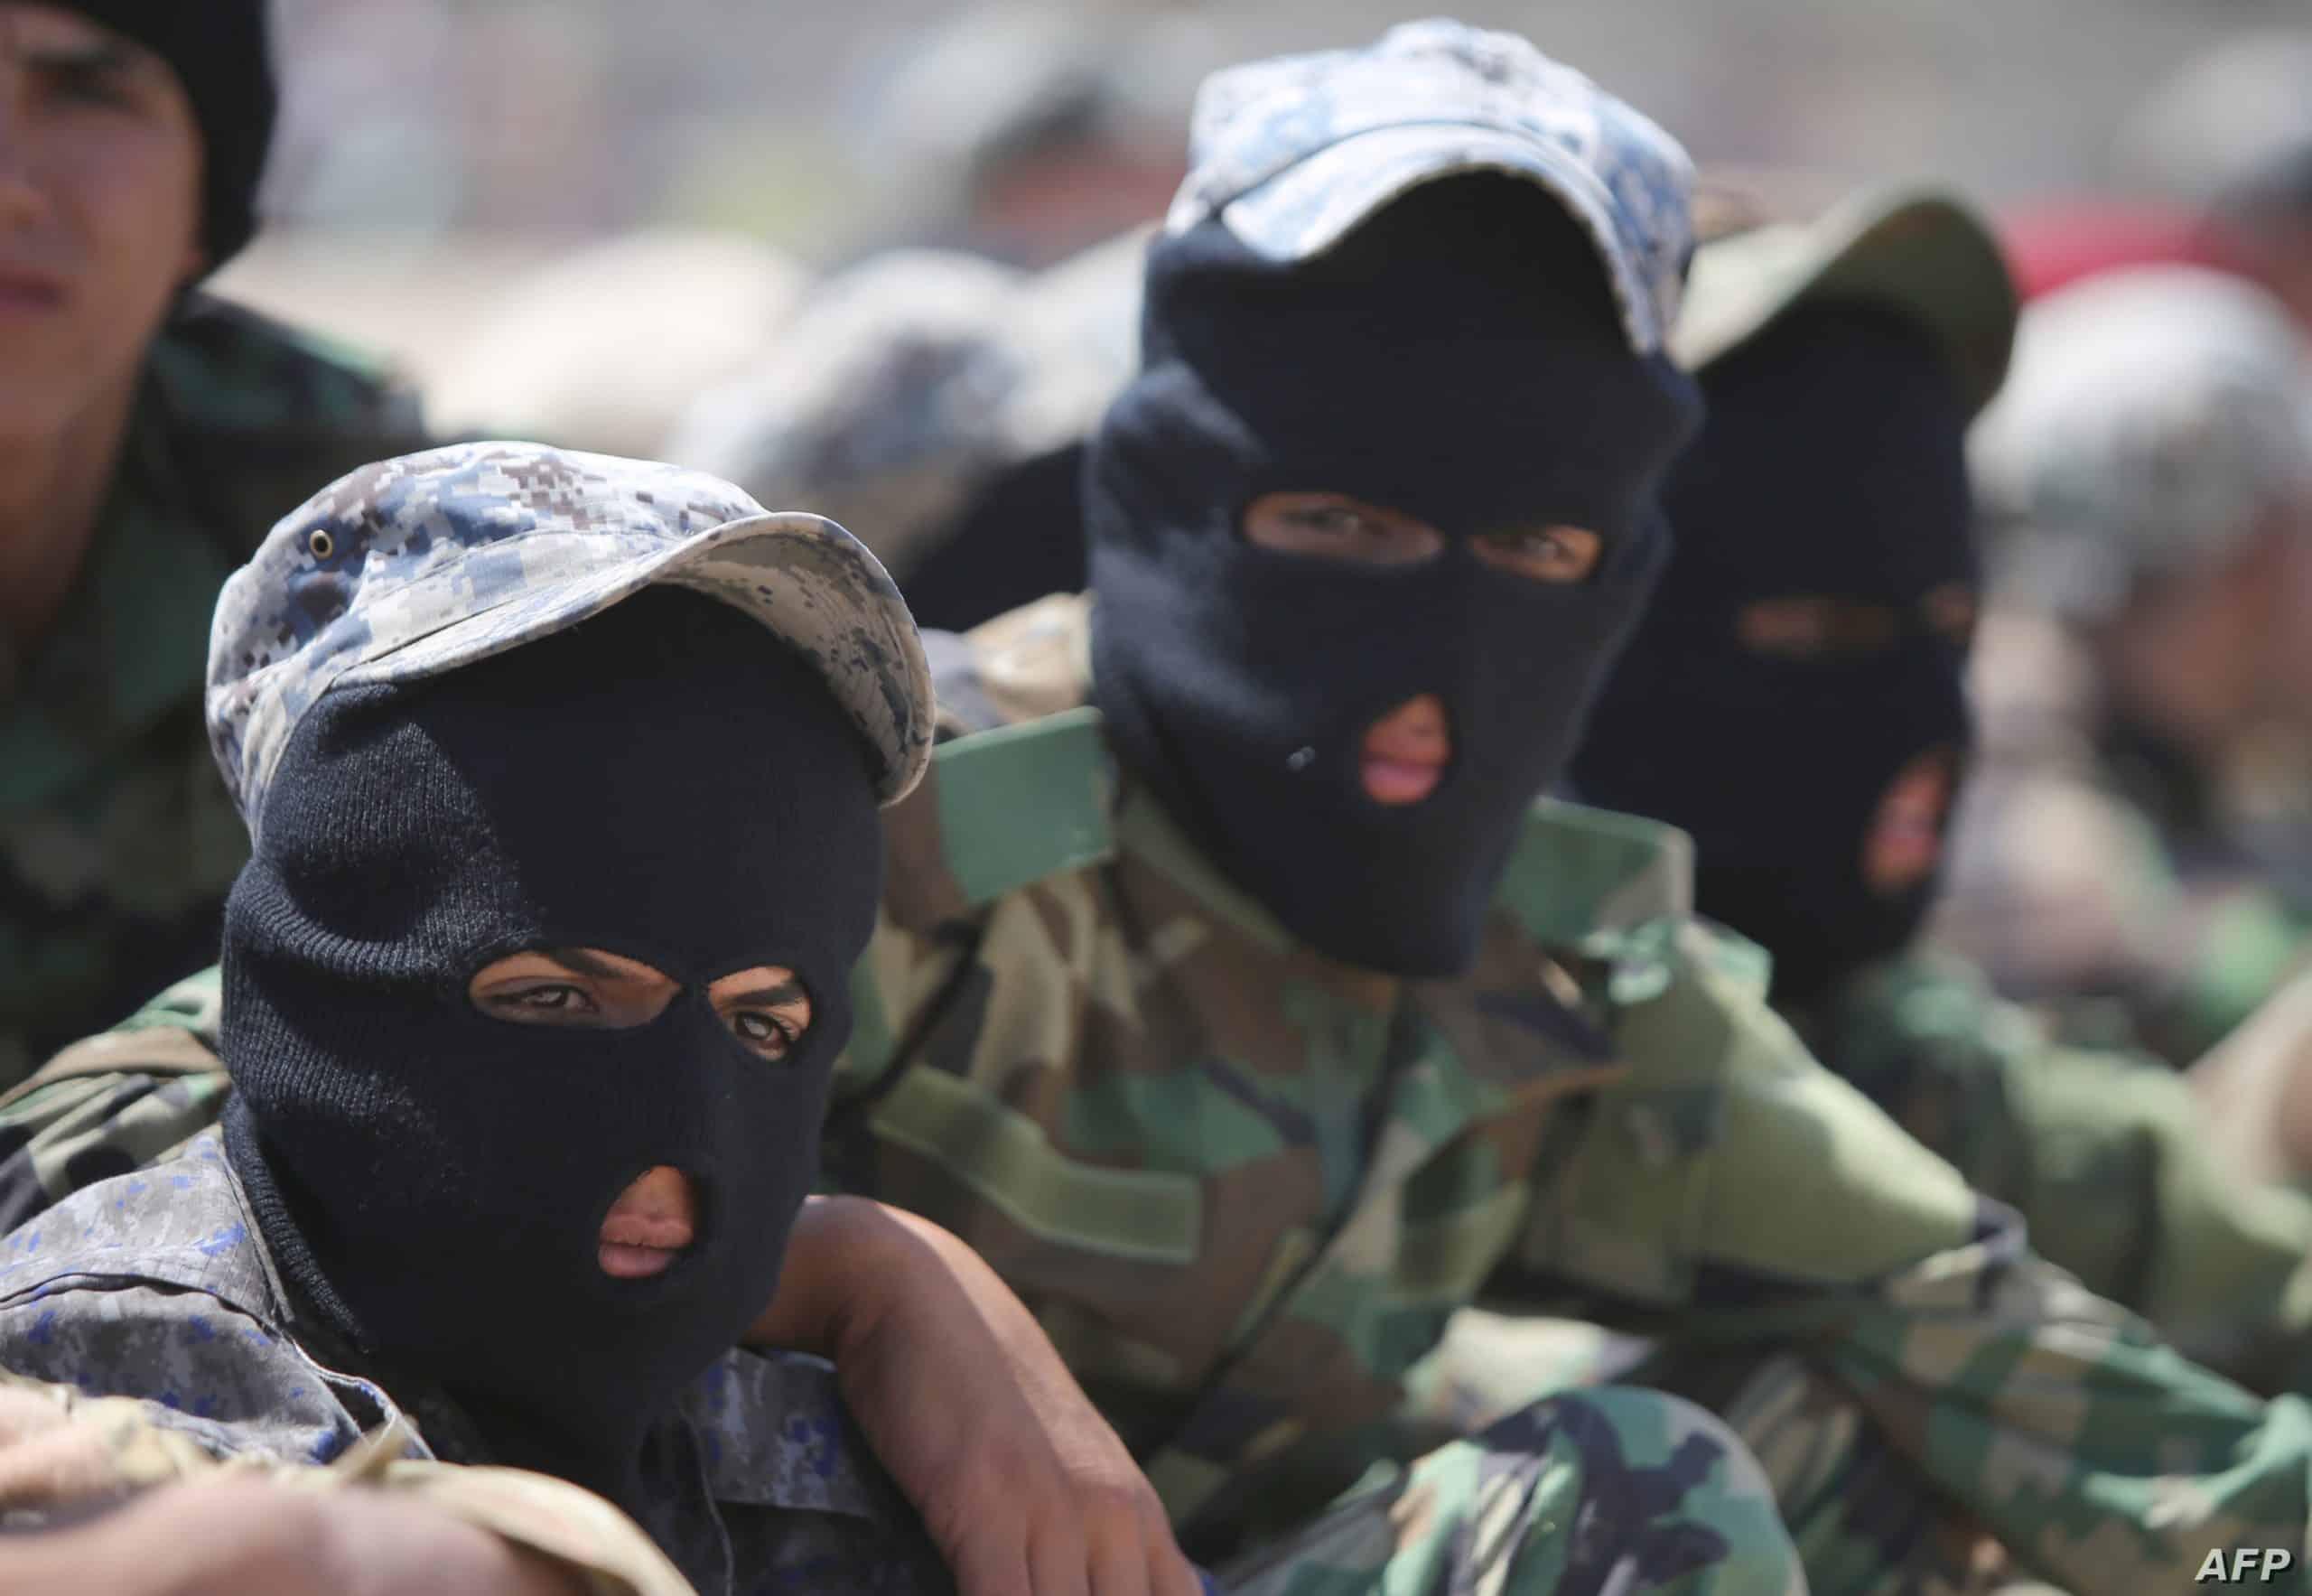 """ميليشيات مسلحة """"تعرض"""" خدماتها لحماية قوافل التحالف الدولي بالعراق"""